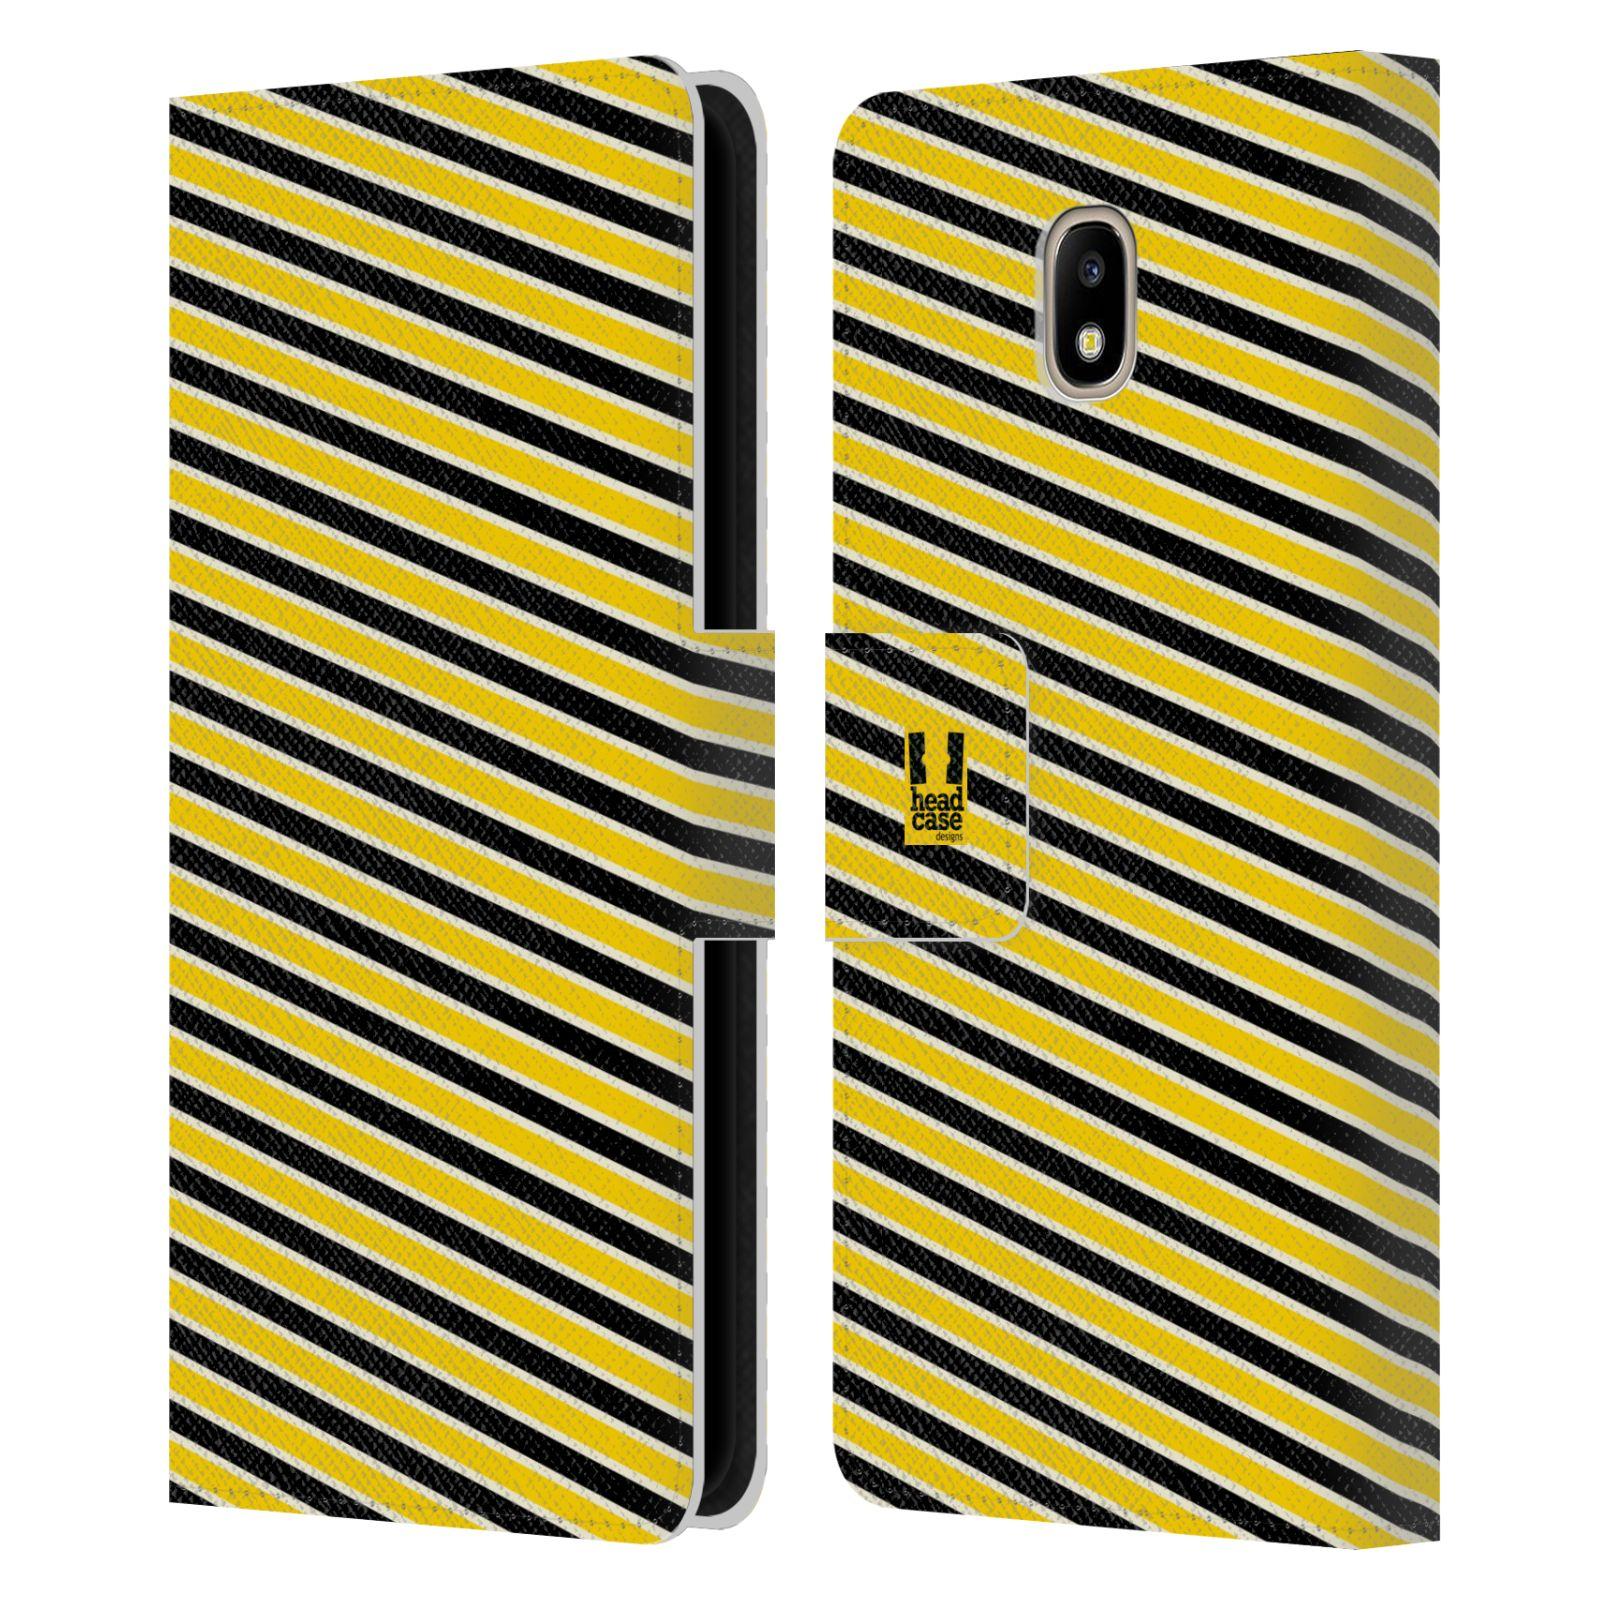 HEAD CASE Flipové pouzdro pro mobil Samsung Galaxy J5 2017 VČELÍ VZOR pruhy  žlutá a černá 0da4698ff92